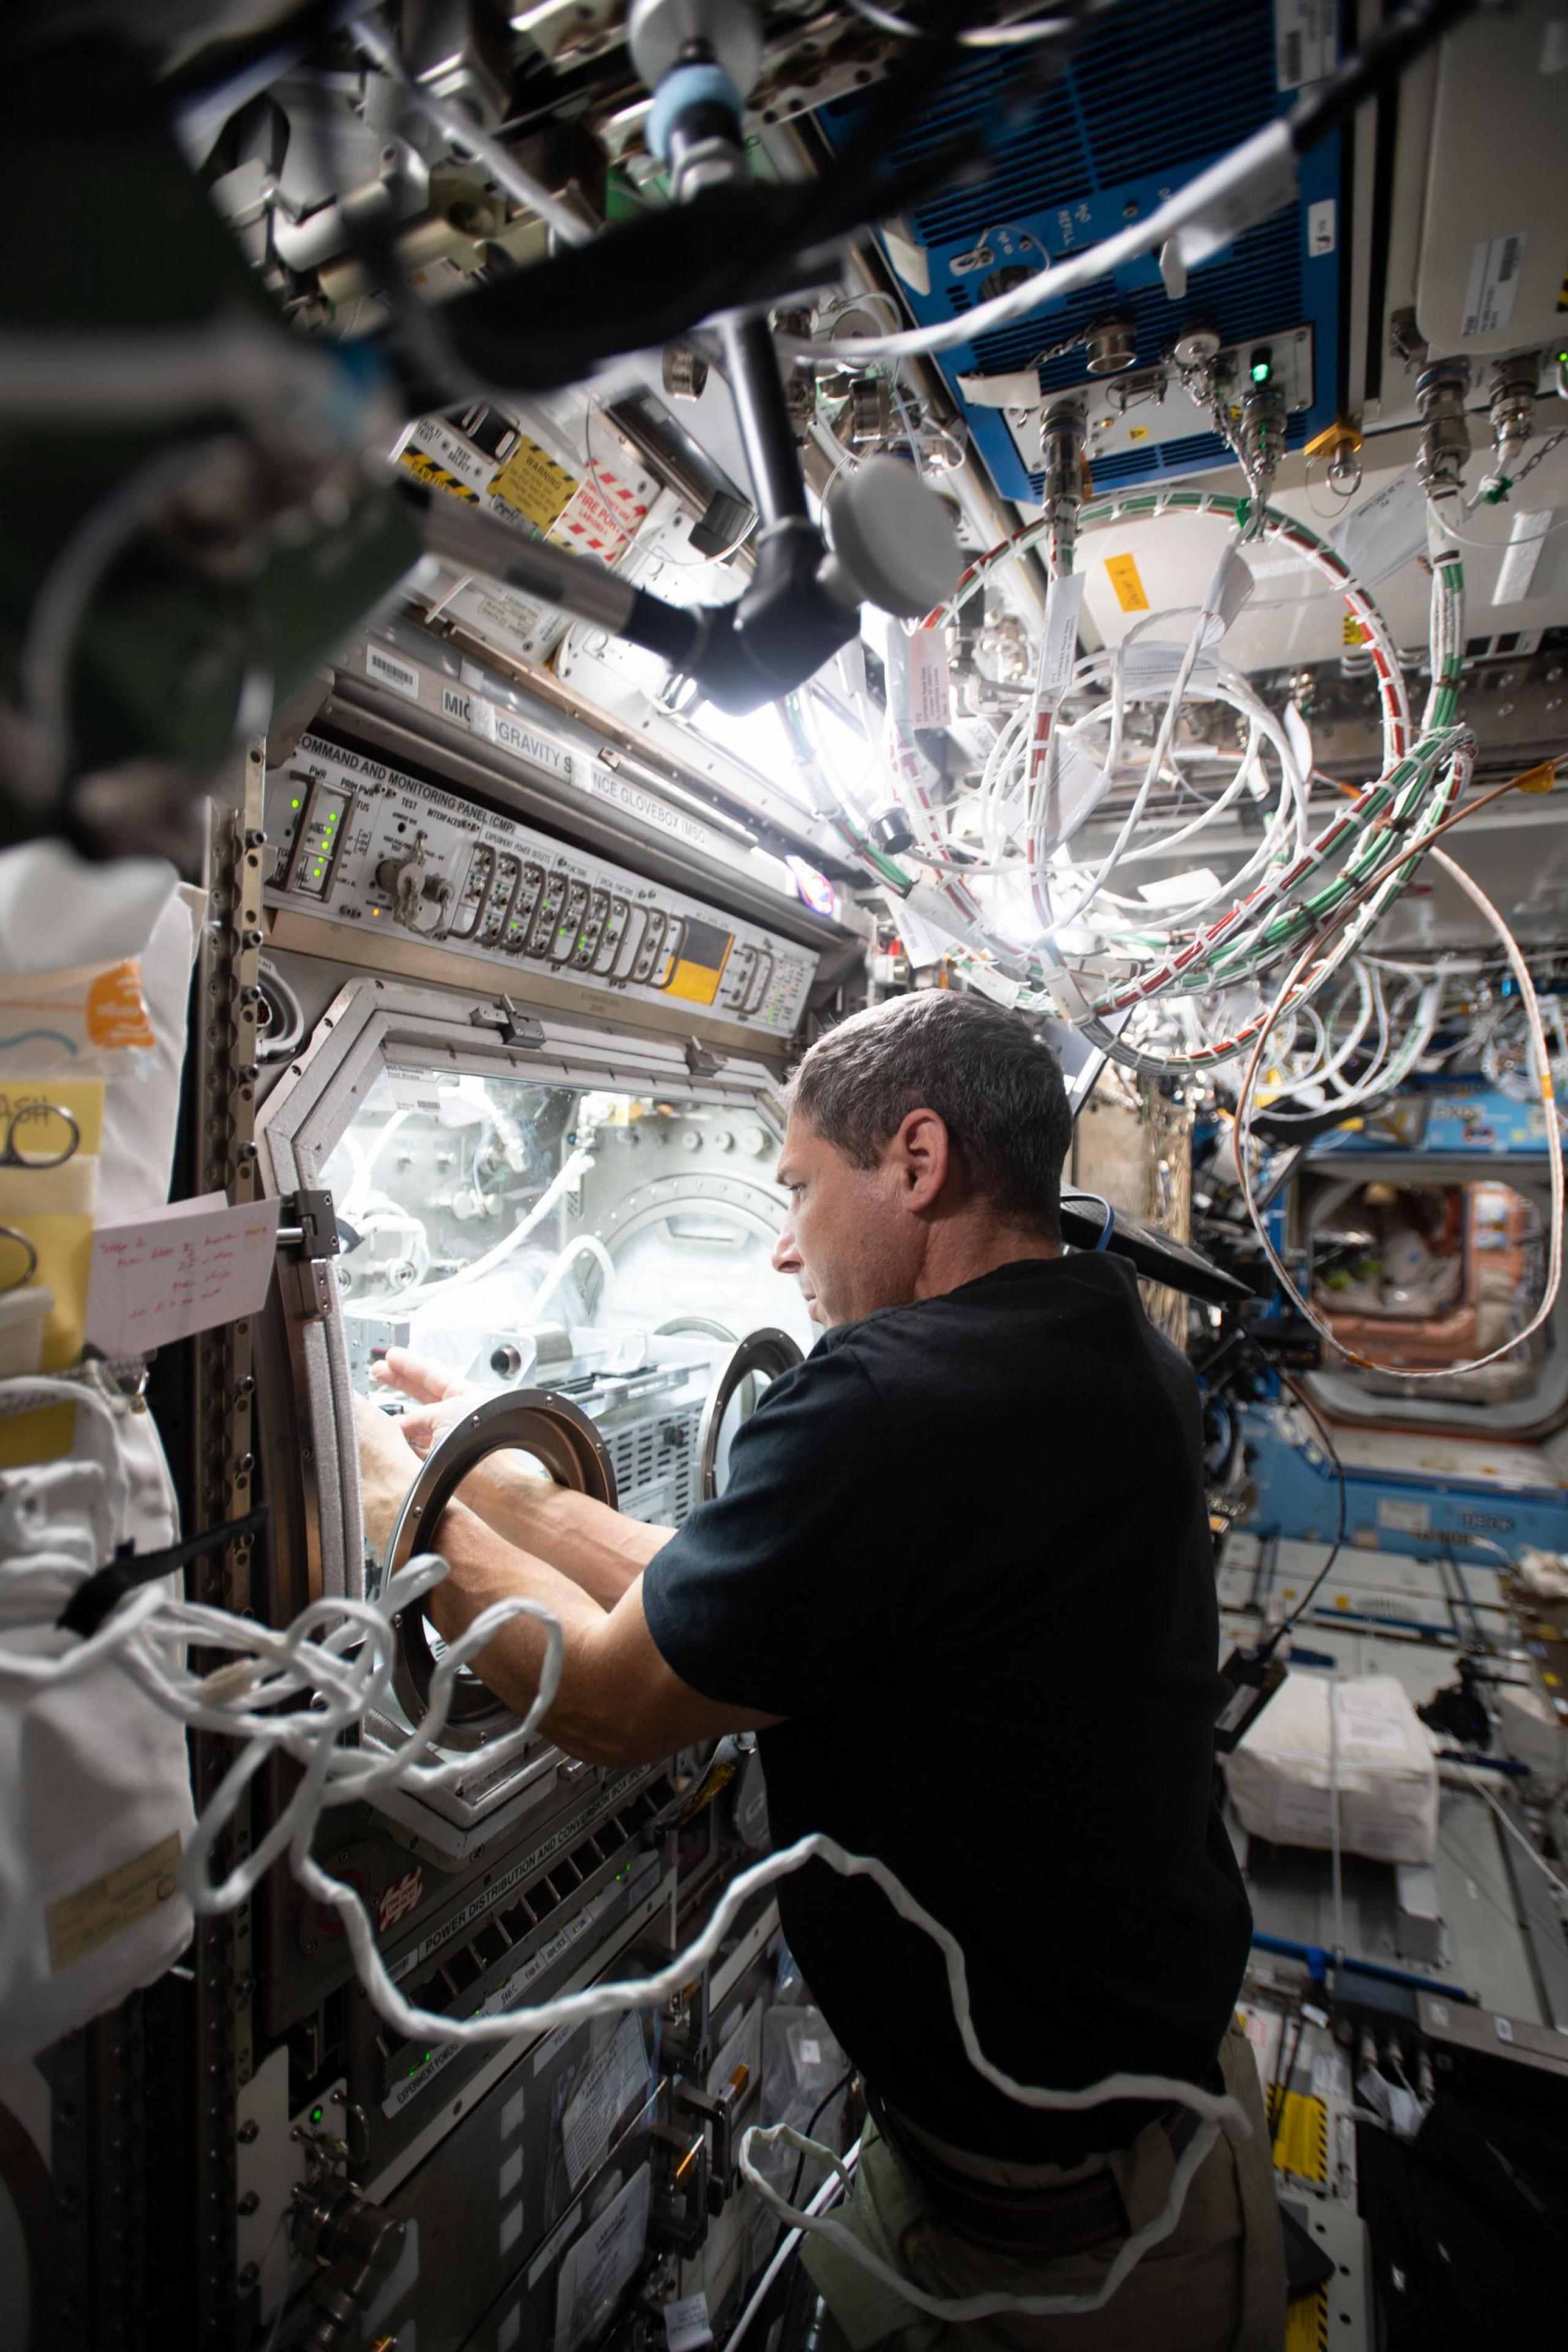 El astronauta Michael Hopkins trabaja en un experimento científico en la estación espacial